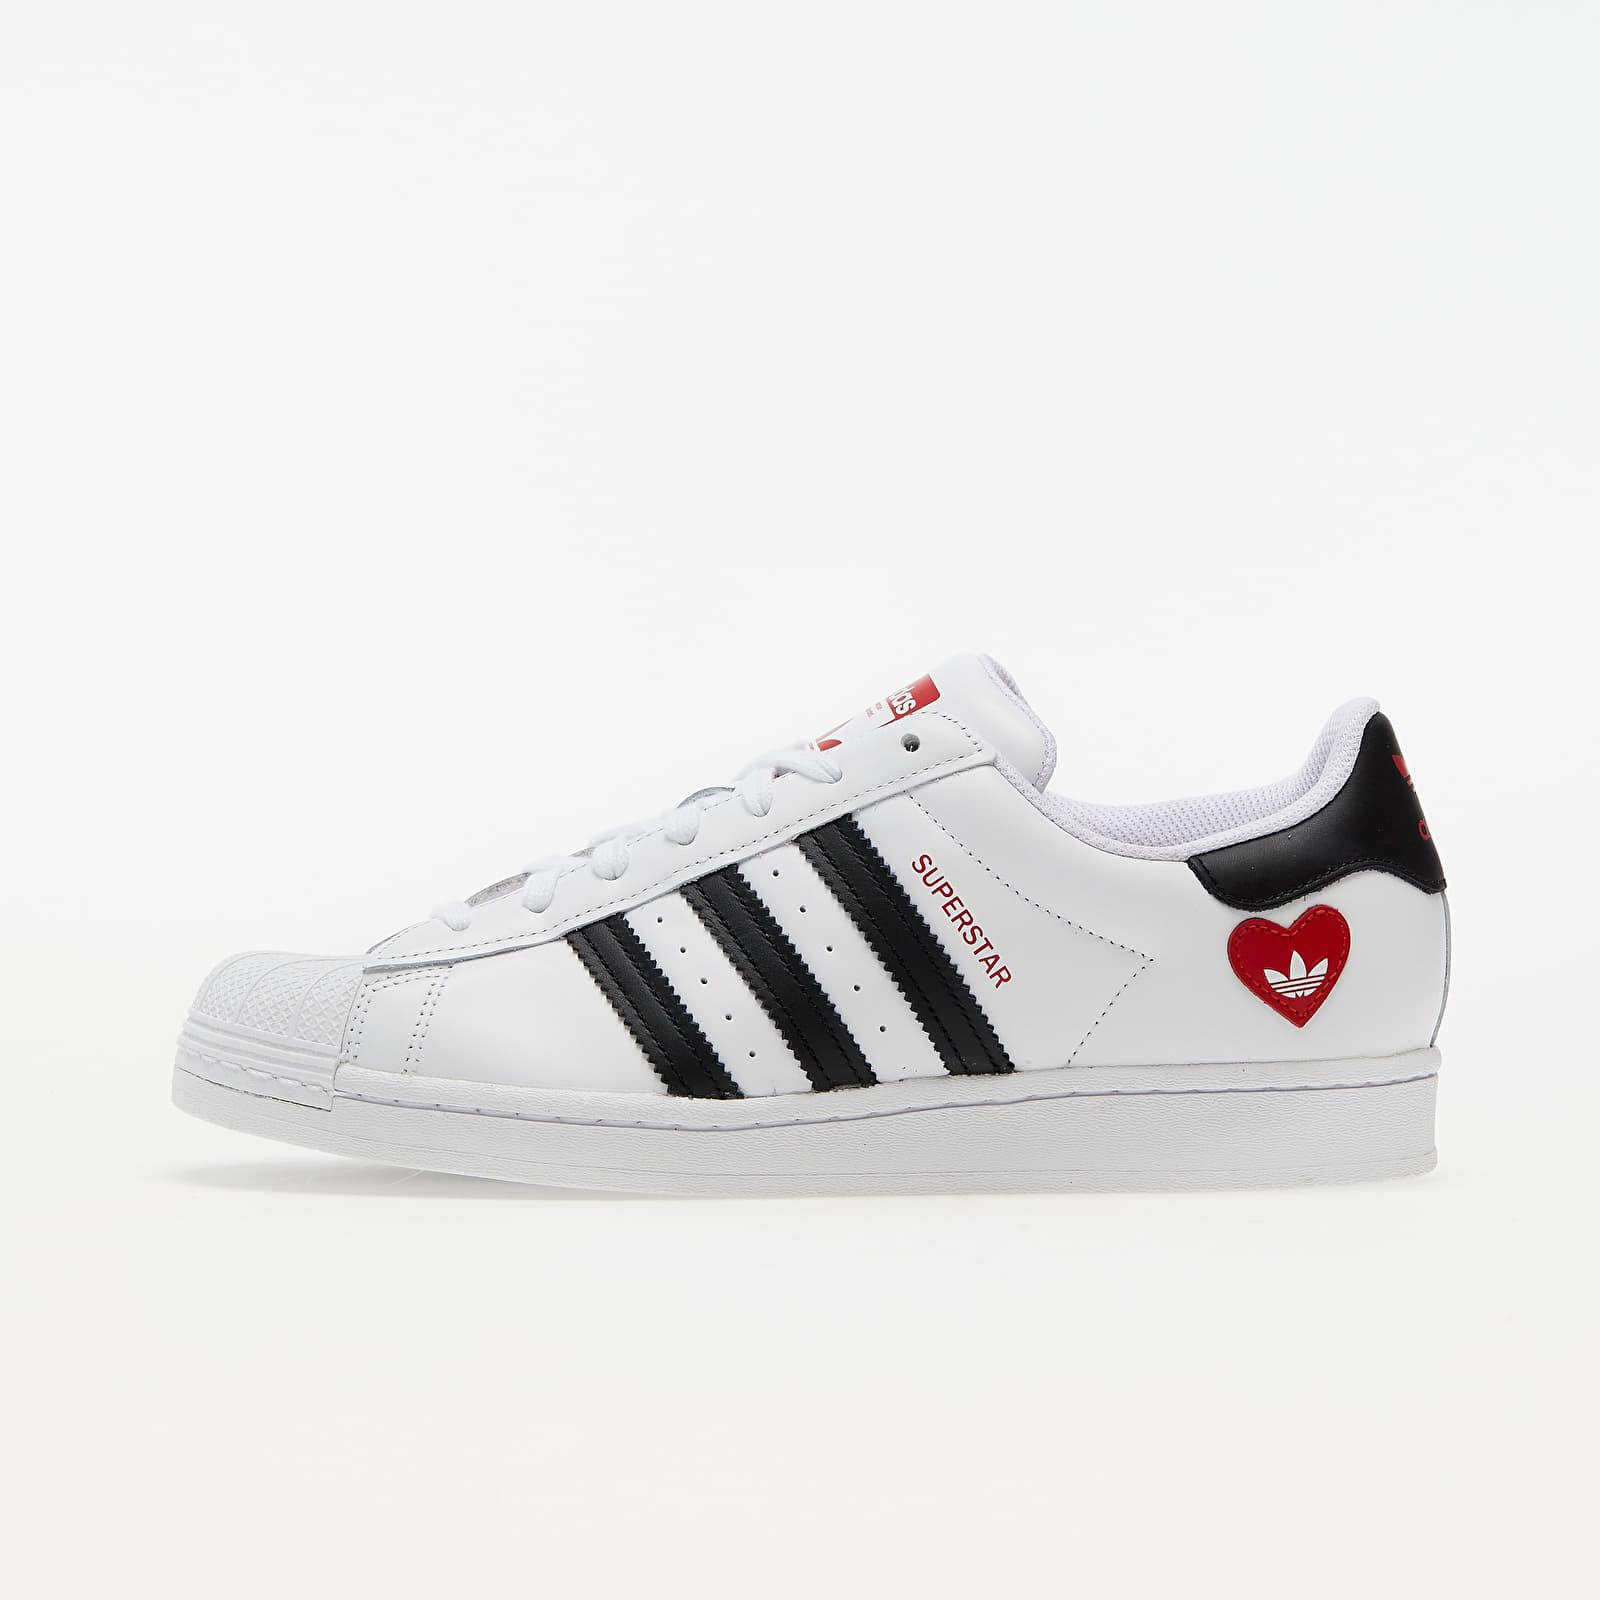 adidas Superstar Ftwr White/ Core Black/ Scarlet EUR 47 1/3